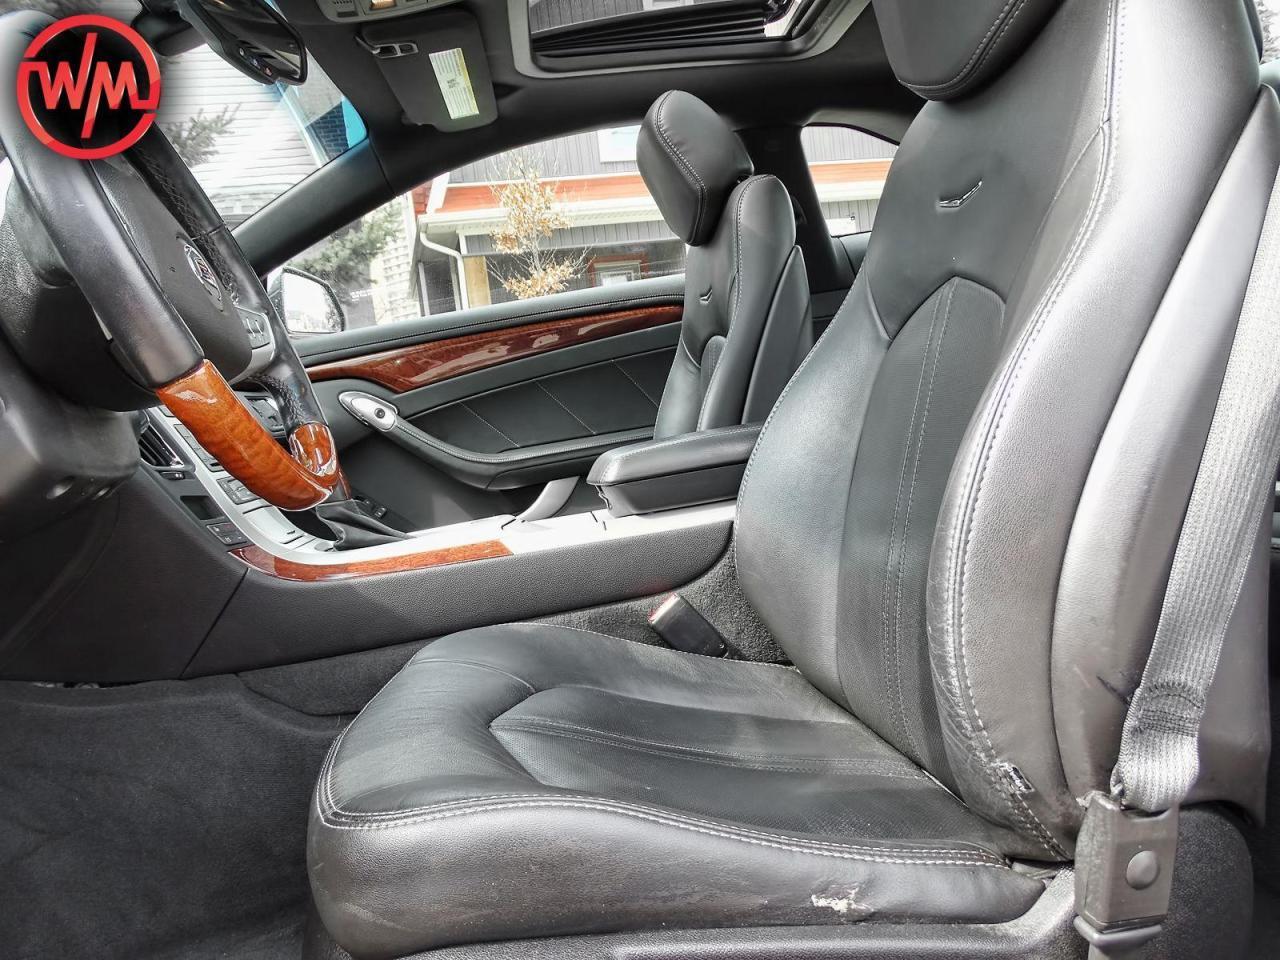 2013 Cadillac CTS